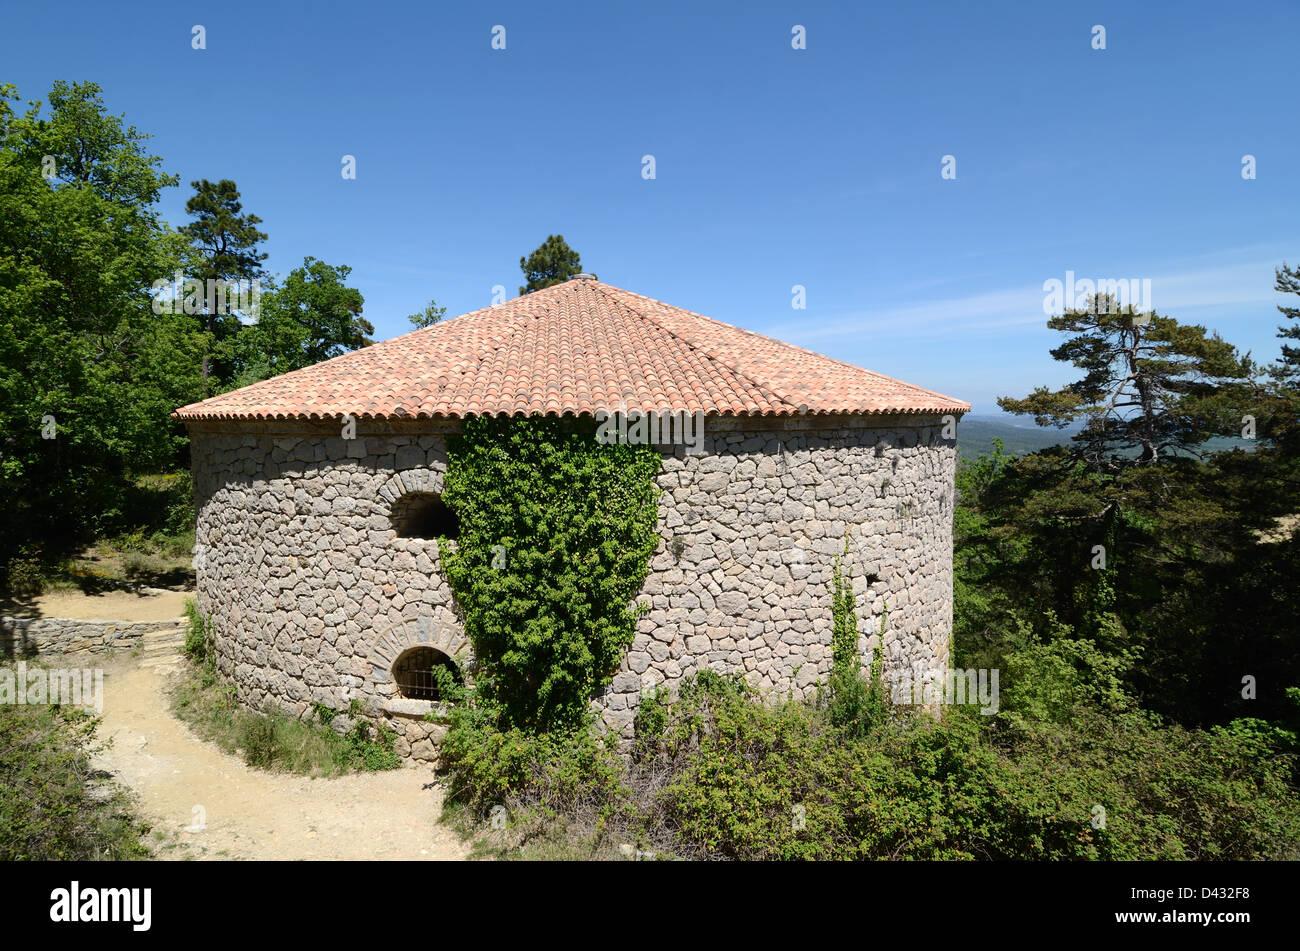 Circular Ice House or Round Icehouse La Glacière de Pivaut Massif de Sainte-Baume Mazaugues Var Provence France - Stock Image